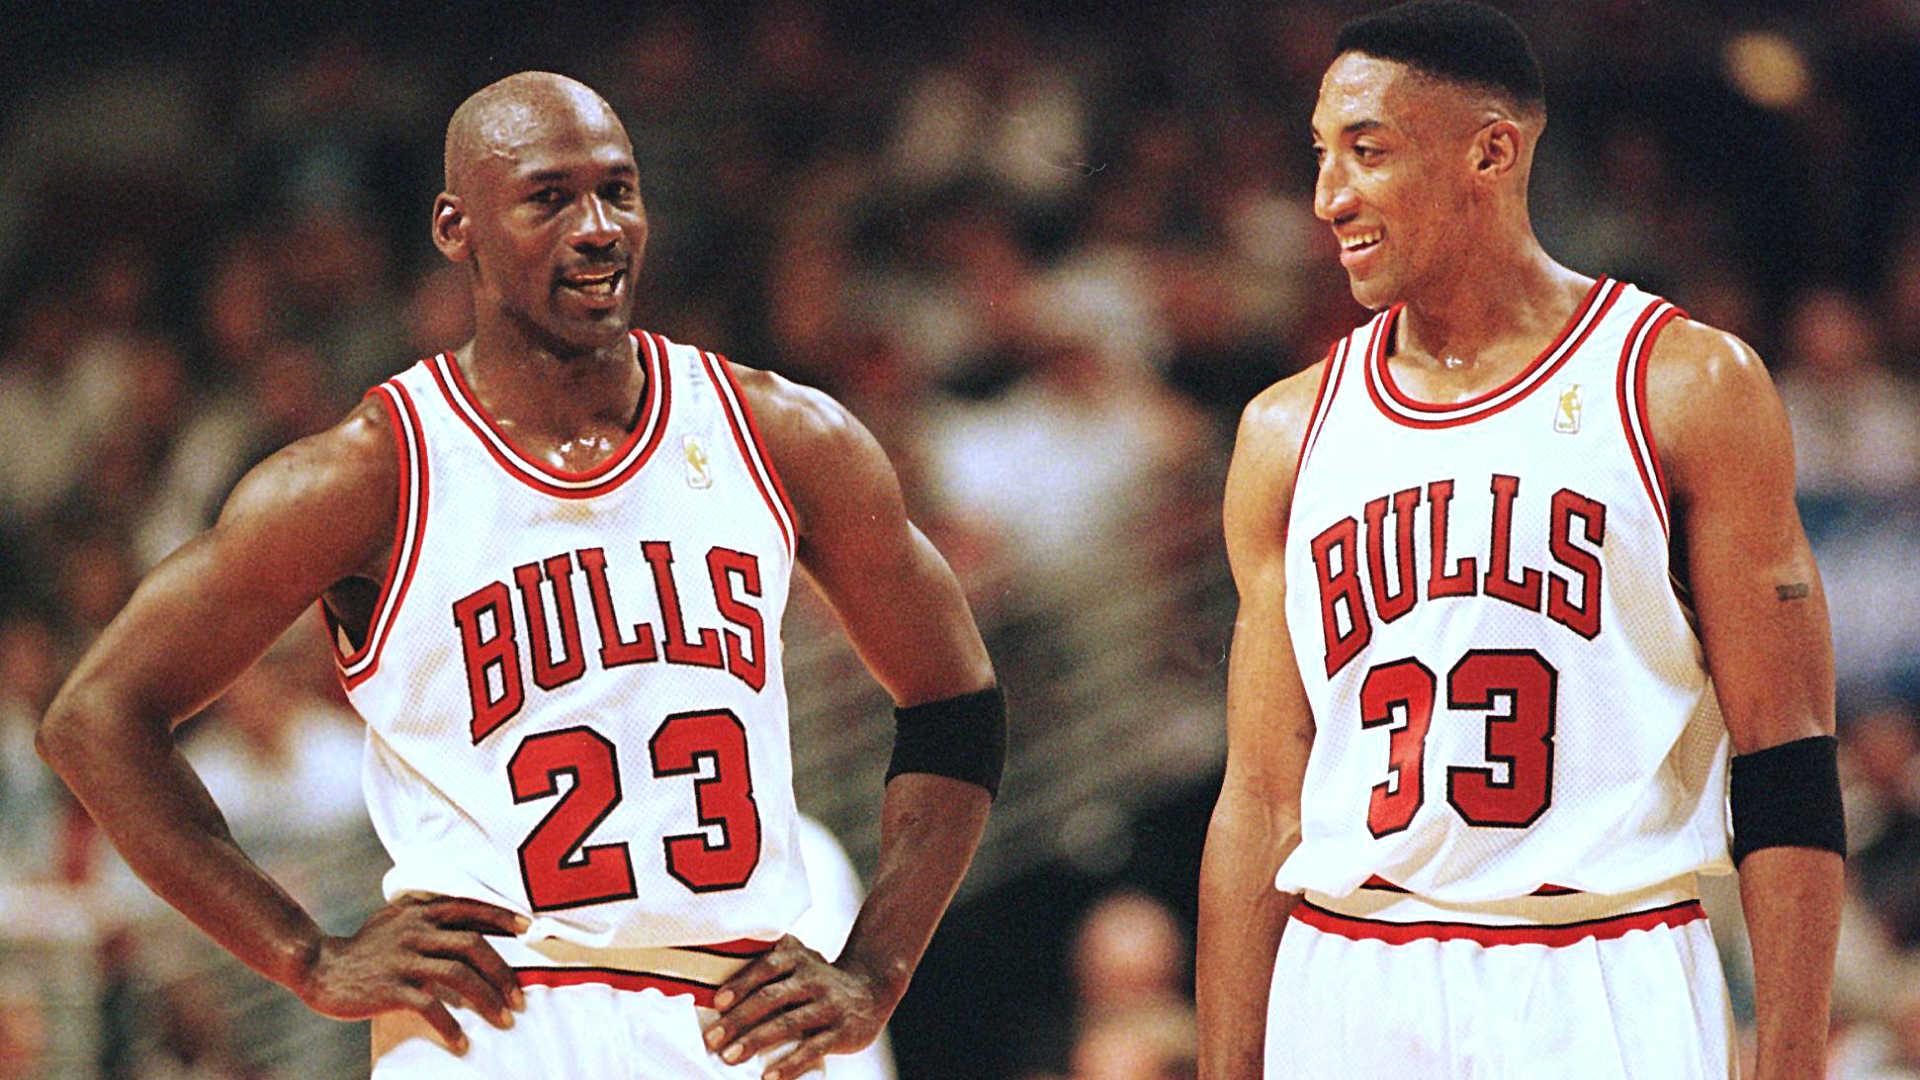 b48cc538a87 Don't ask Scottie Pippen about Michael Jordan vs. LeBron James debate |  Sporting News